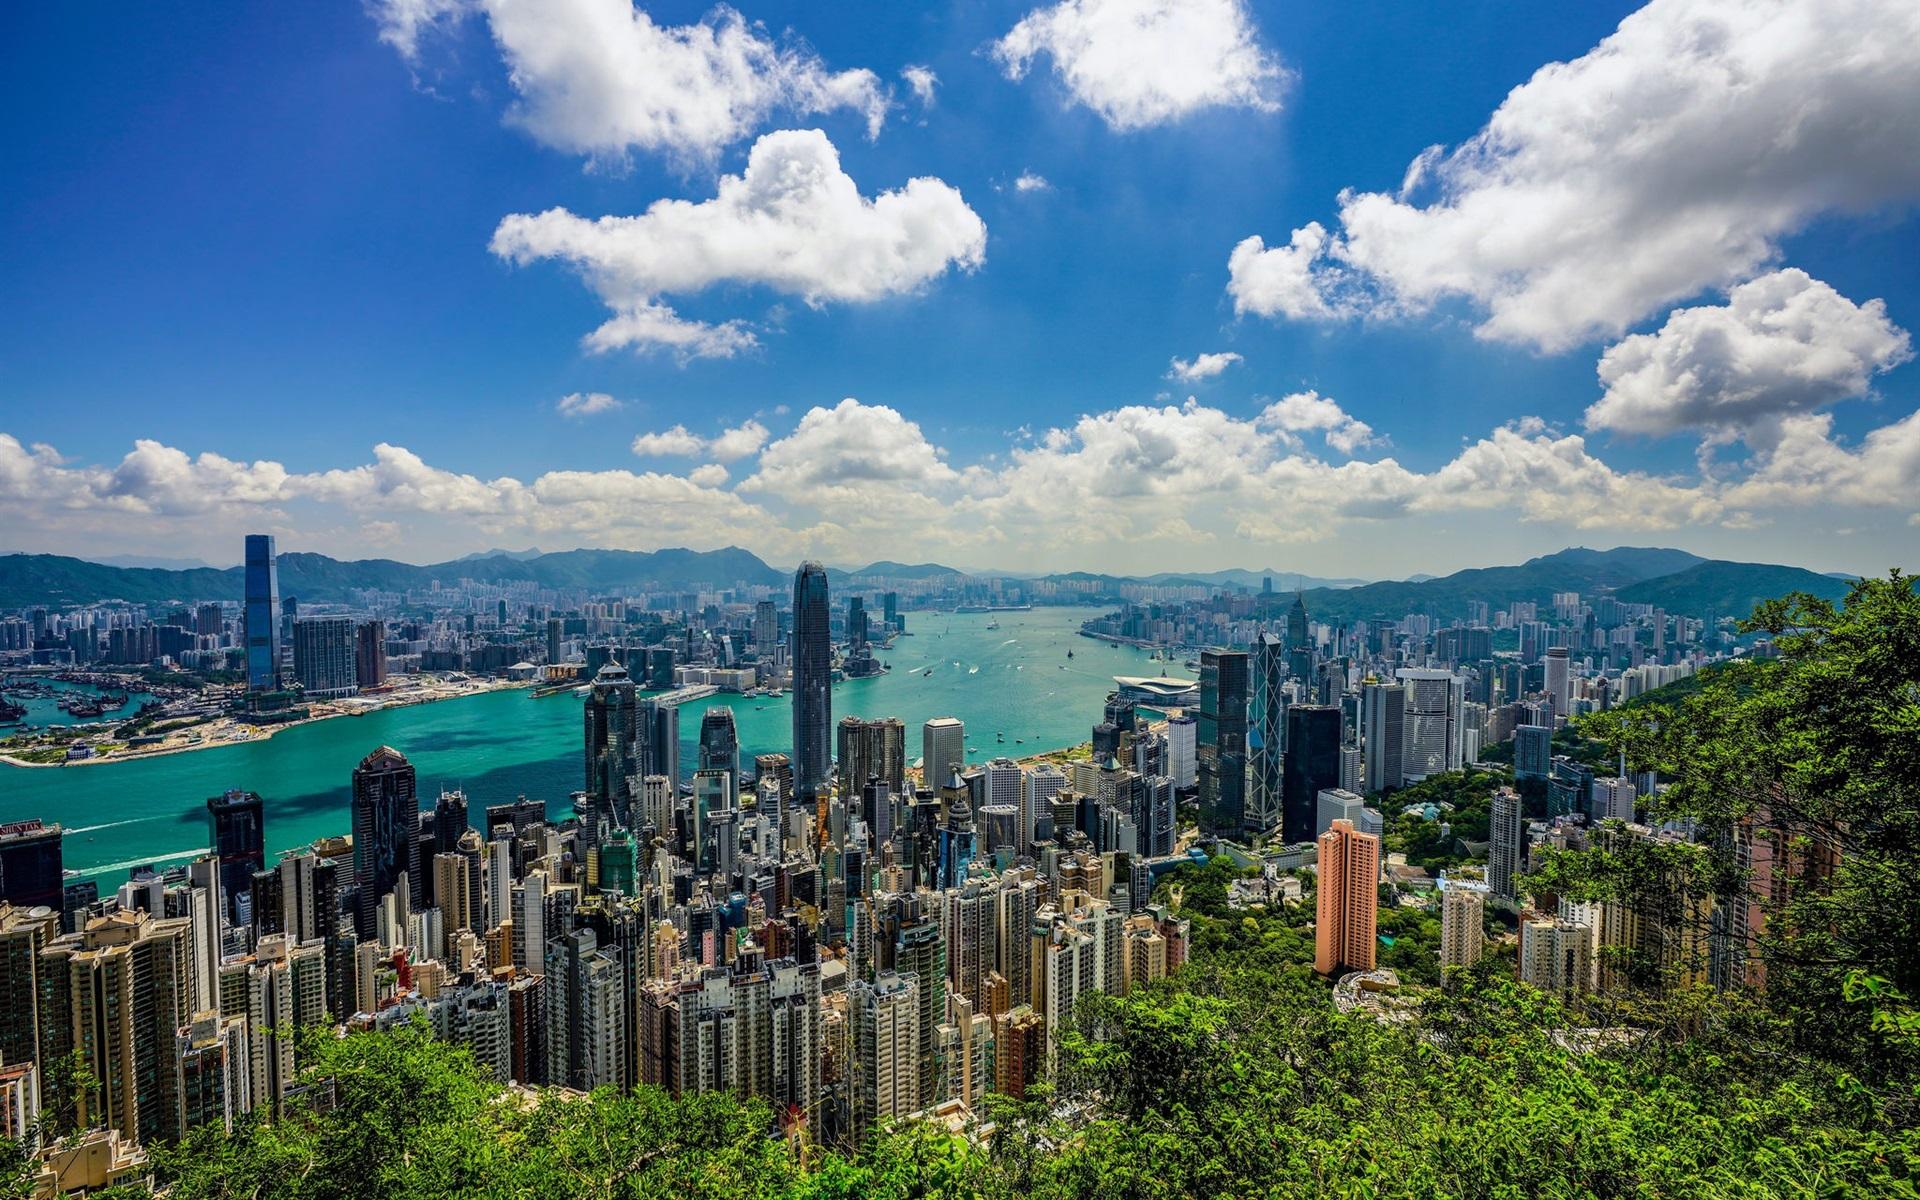 Wallpaper Hong Kong City View Sea Clouds Morning 1920x1200 Hd